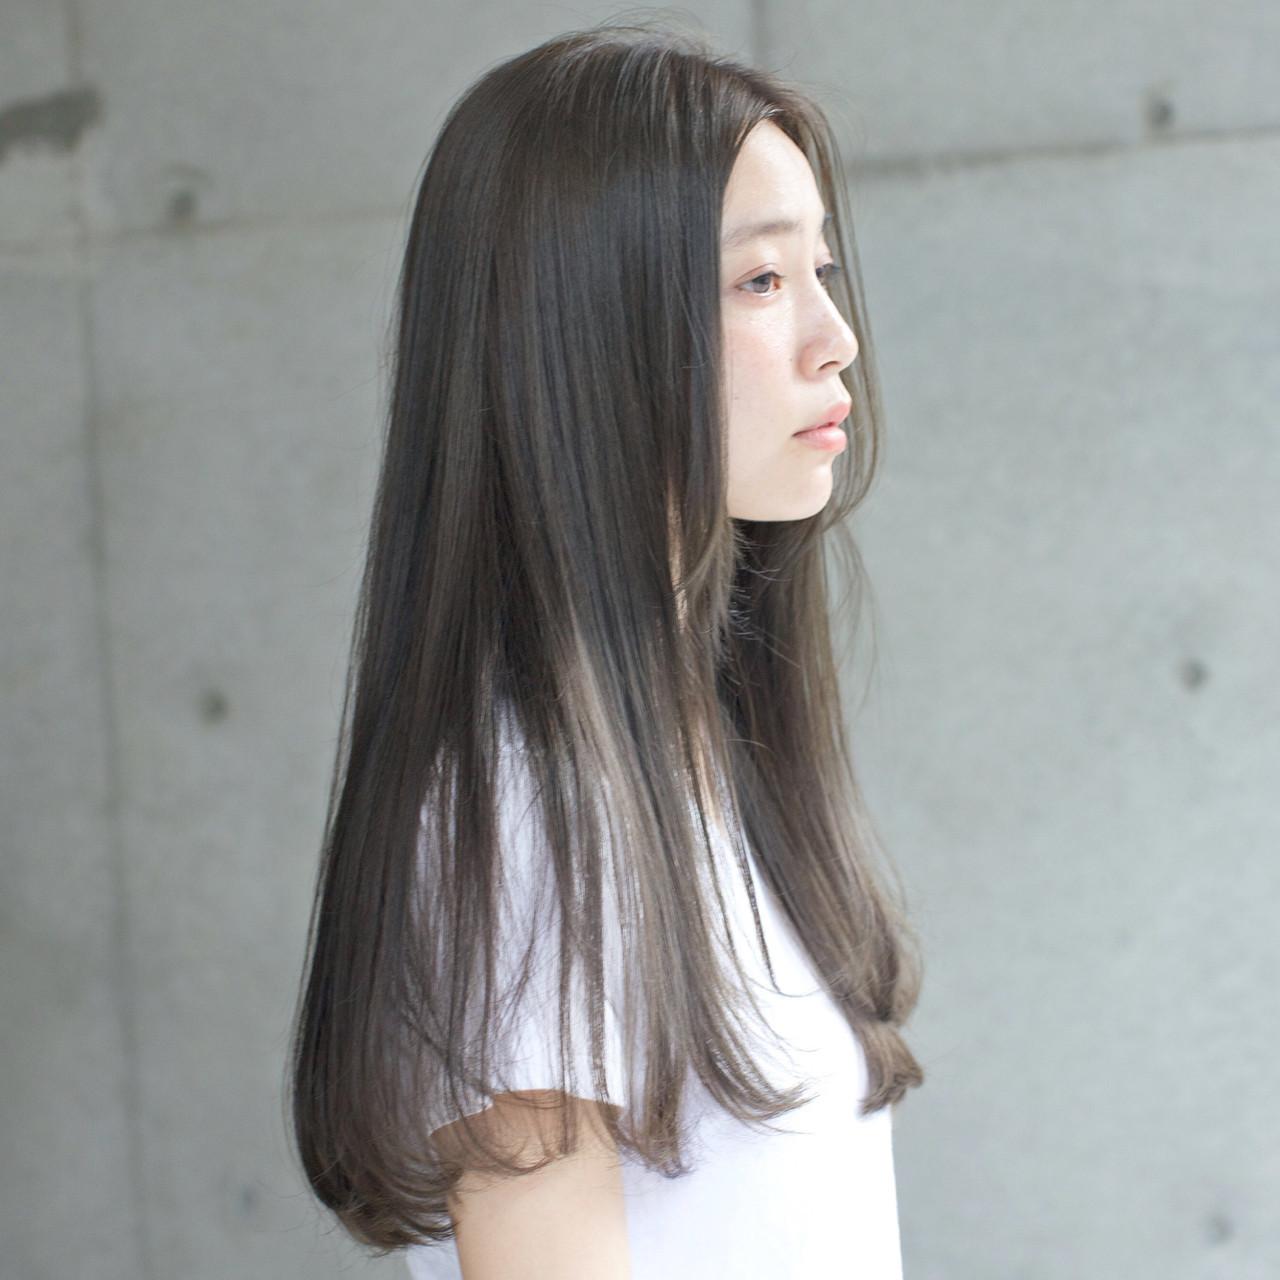 【ロングさん必見】あなた好みの可愛いを♡モテを狙う髪型特集!の3枚目の画像